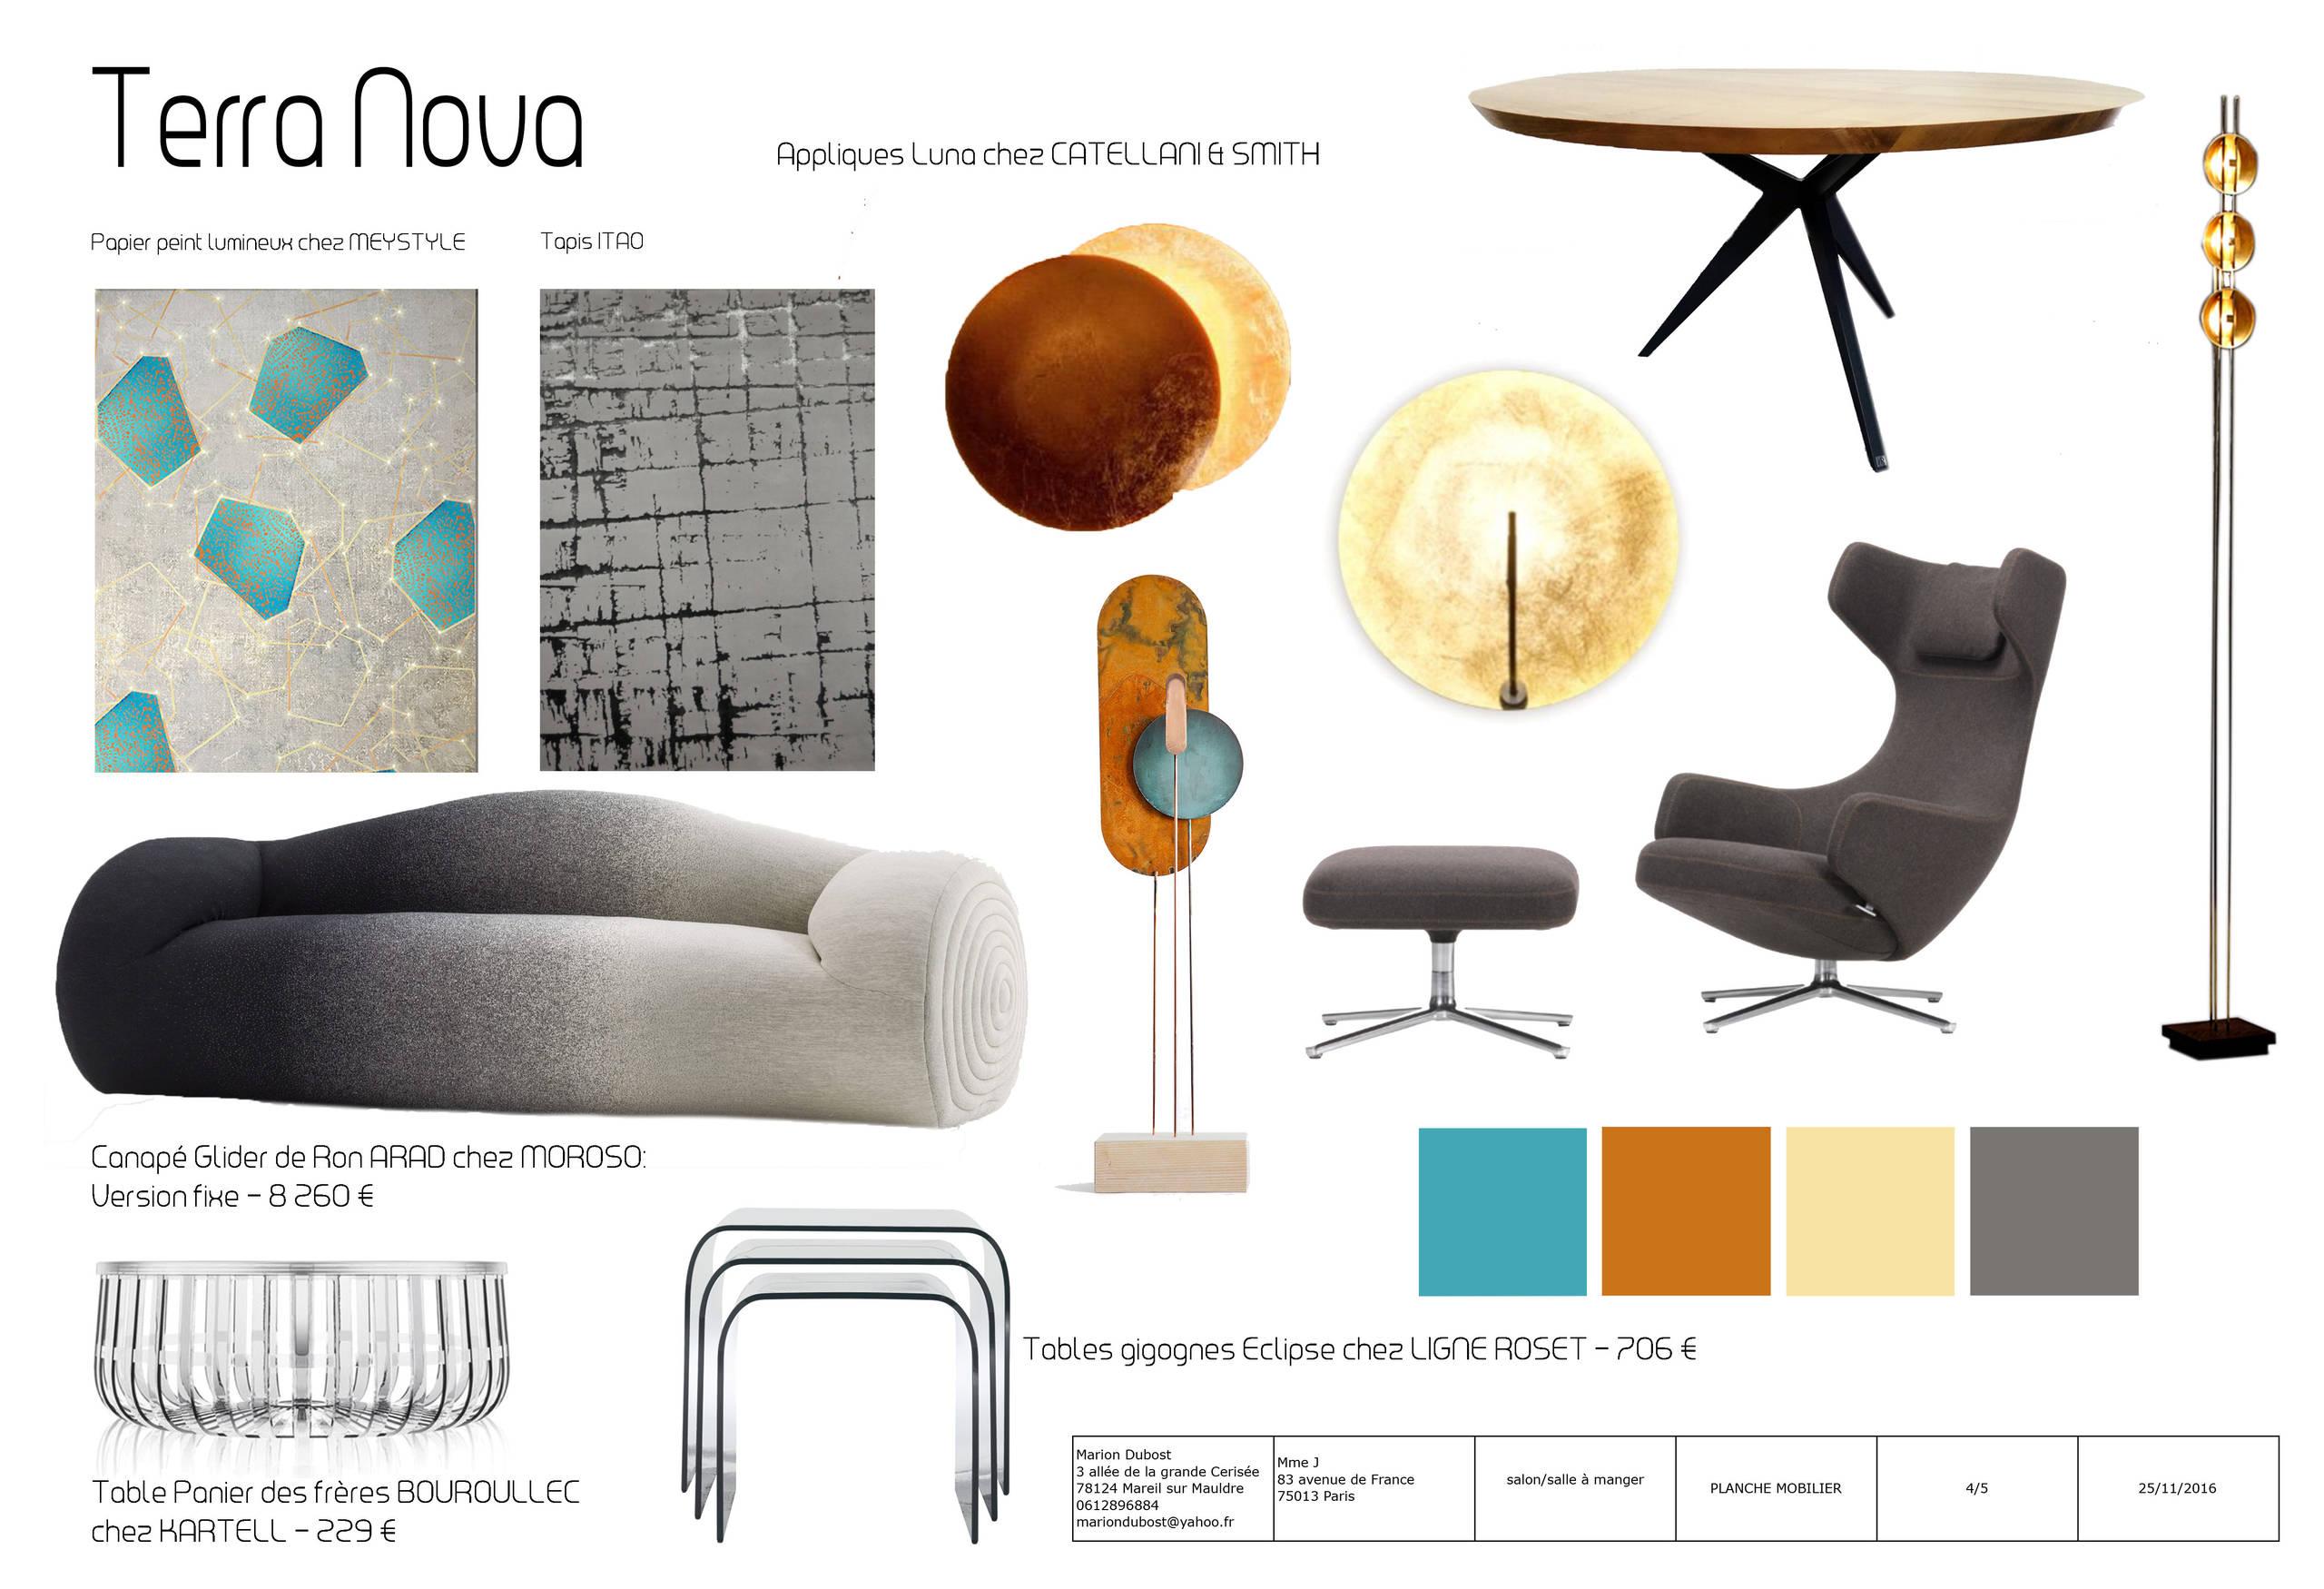 Planche mobilier aménagement salon/salle à manger